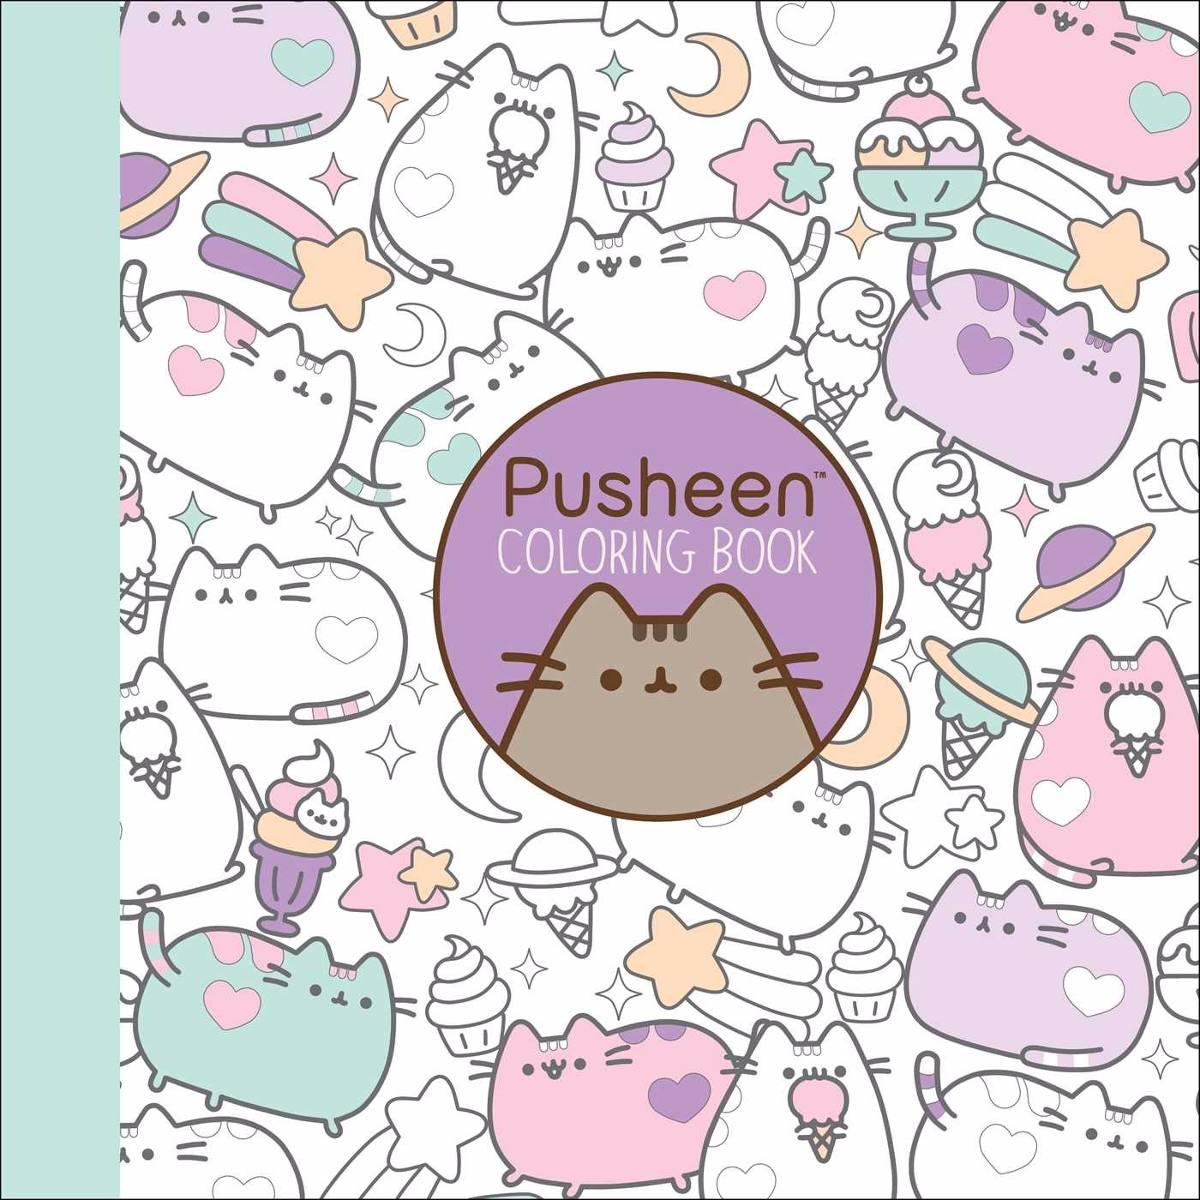 Libro Pusheen Coloring Book (nuevo) - $ 480,00 en Mercado Libre